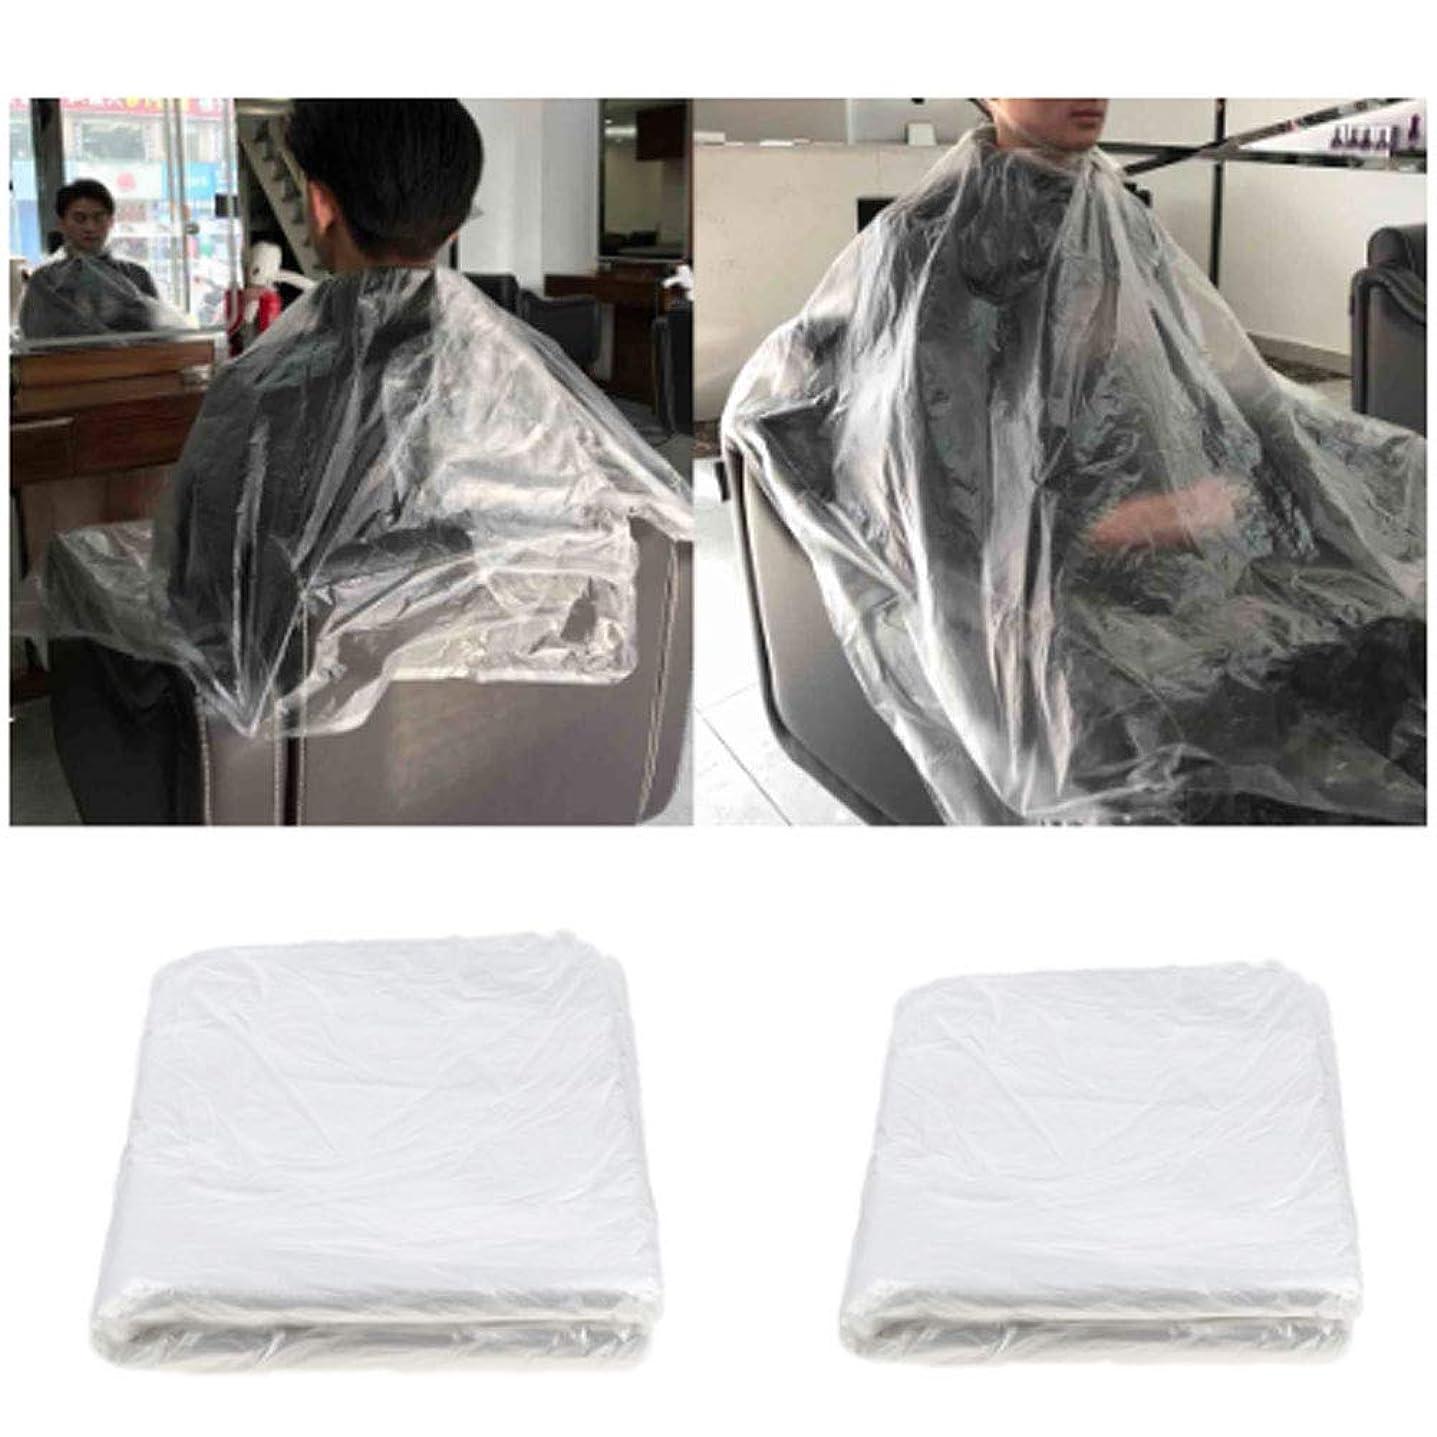 150 x使い捨てケープヘアサロンショールプラスチック防水ヘアトリミングツール110 x 150 cm理髪店または家庭用